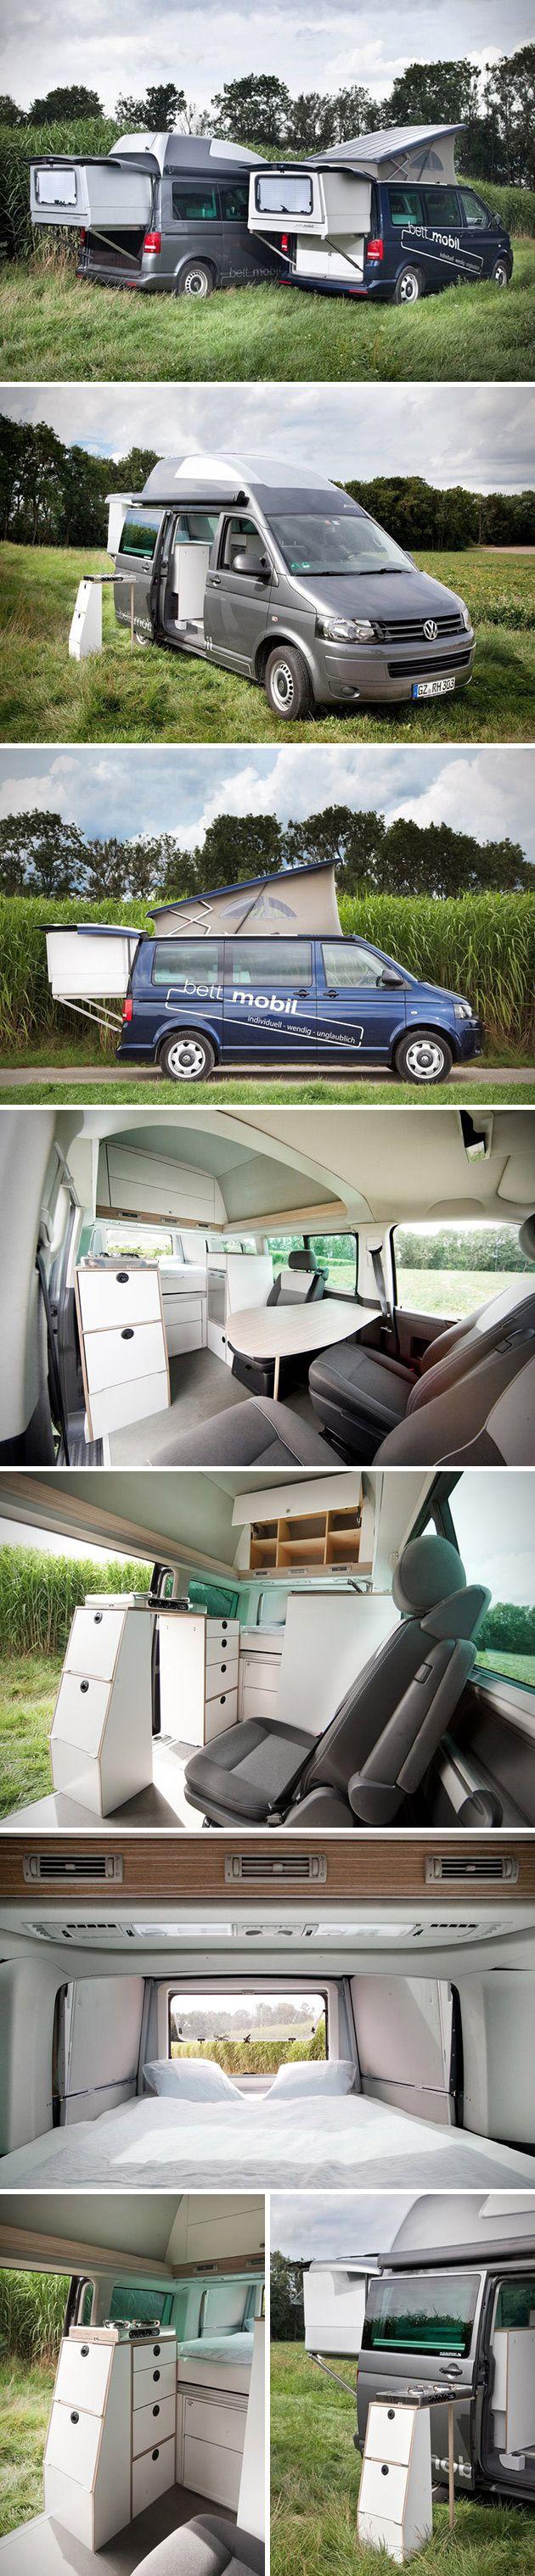 camping toilette reinigen camping toilette reinigen. Black Bedroom Furniture Sets. Home Design Ideas